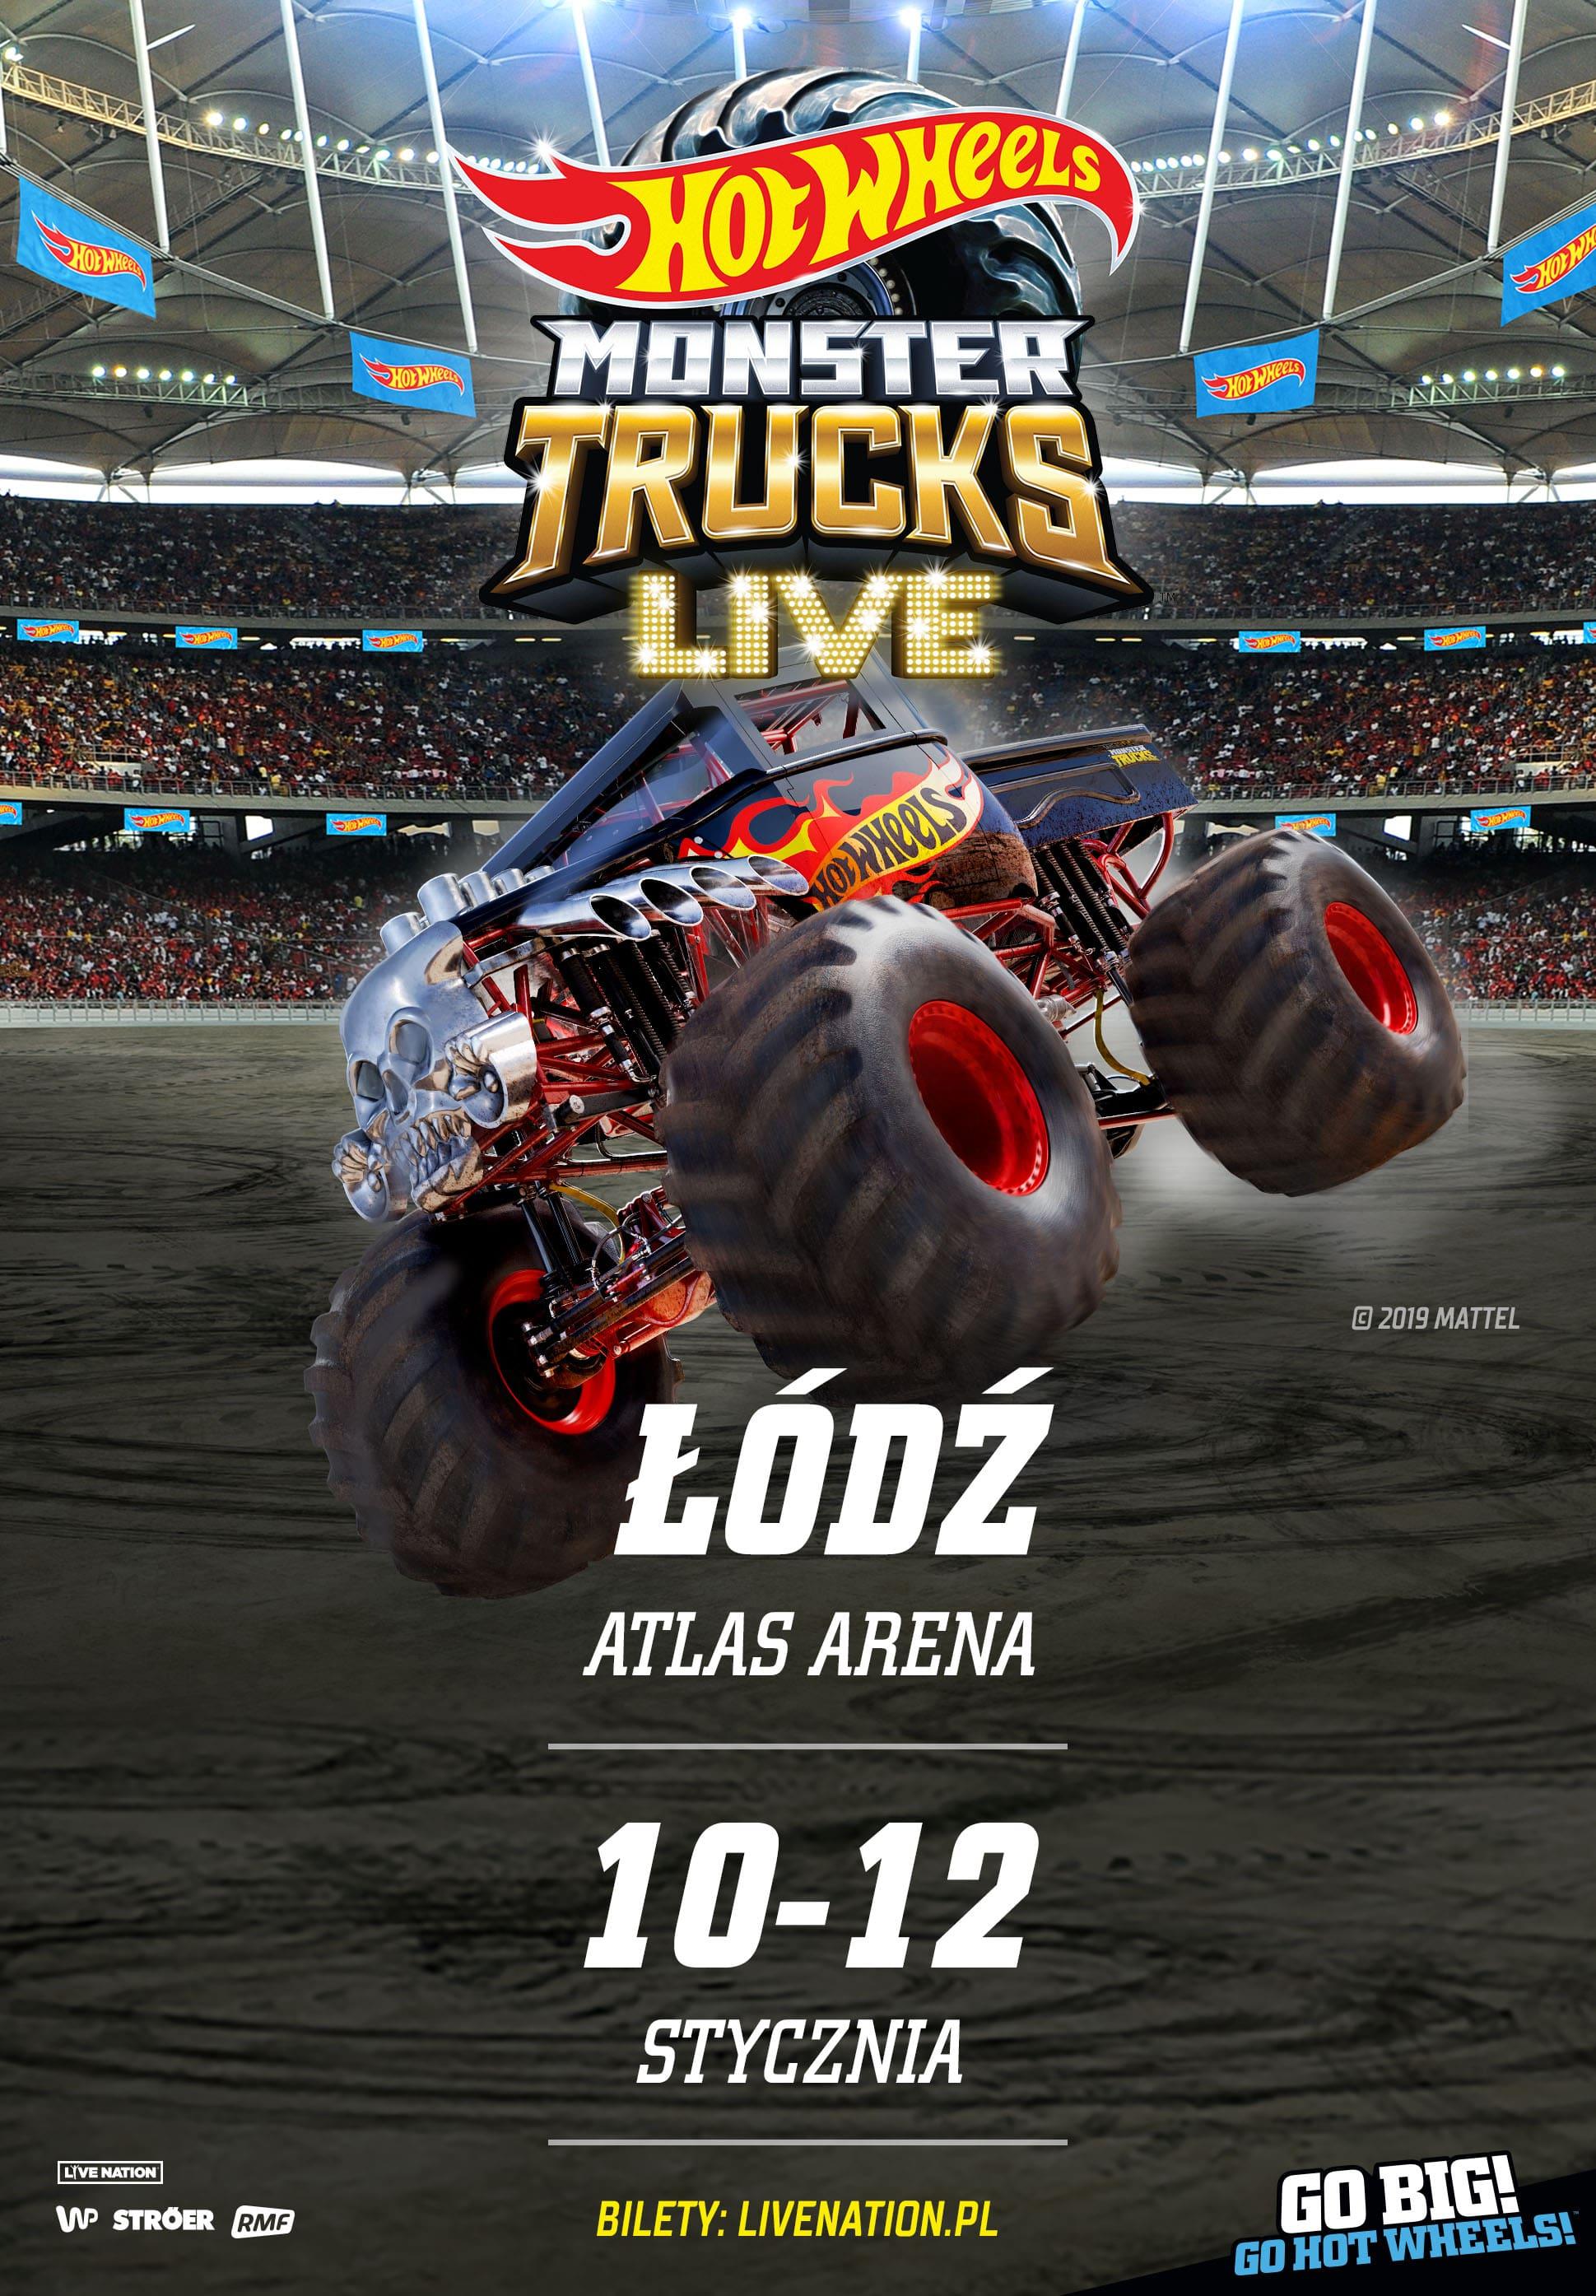 Hot Wheels Monster Trucks Live 2020 European Tour